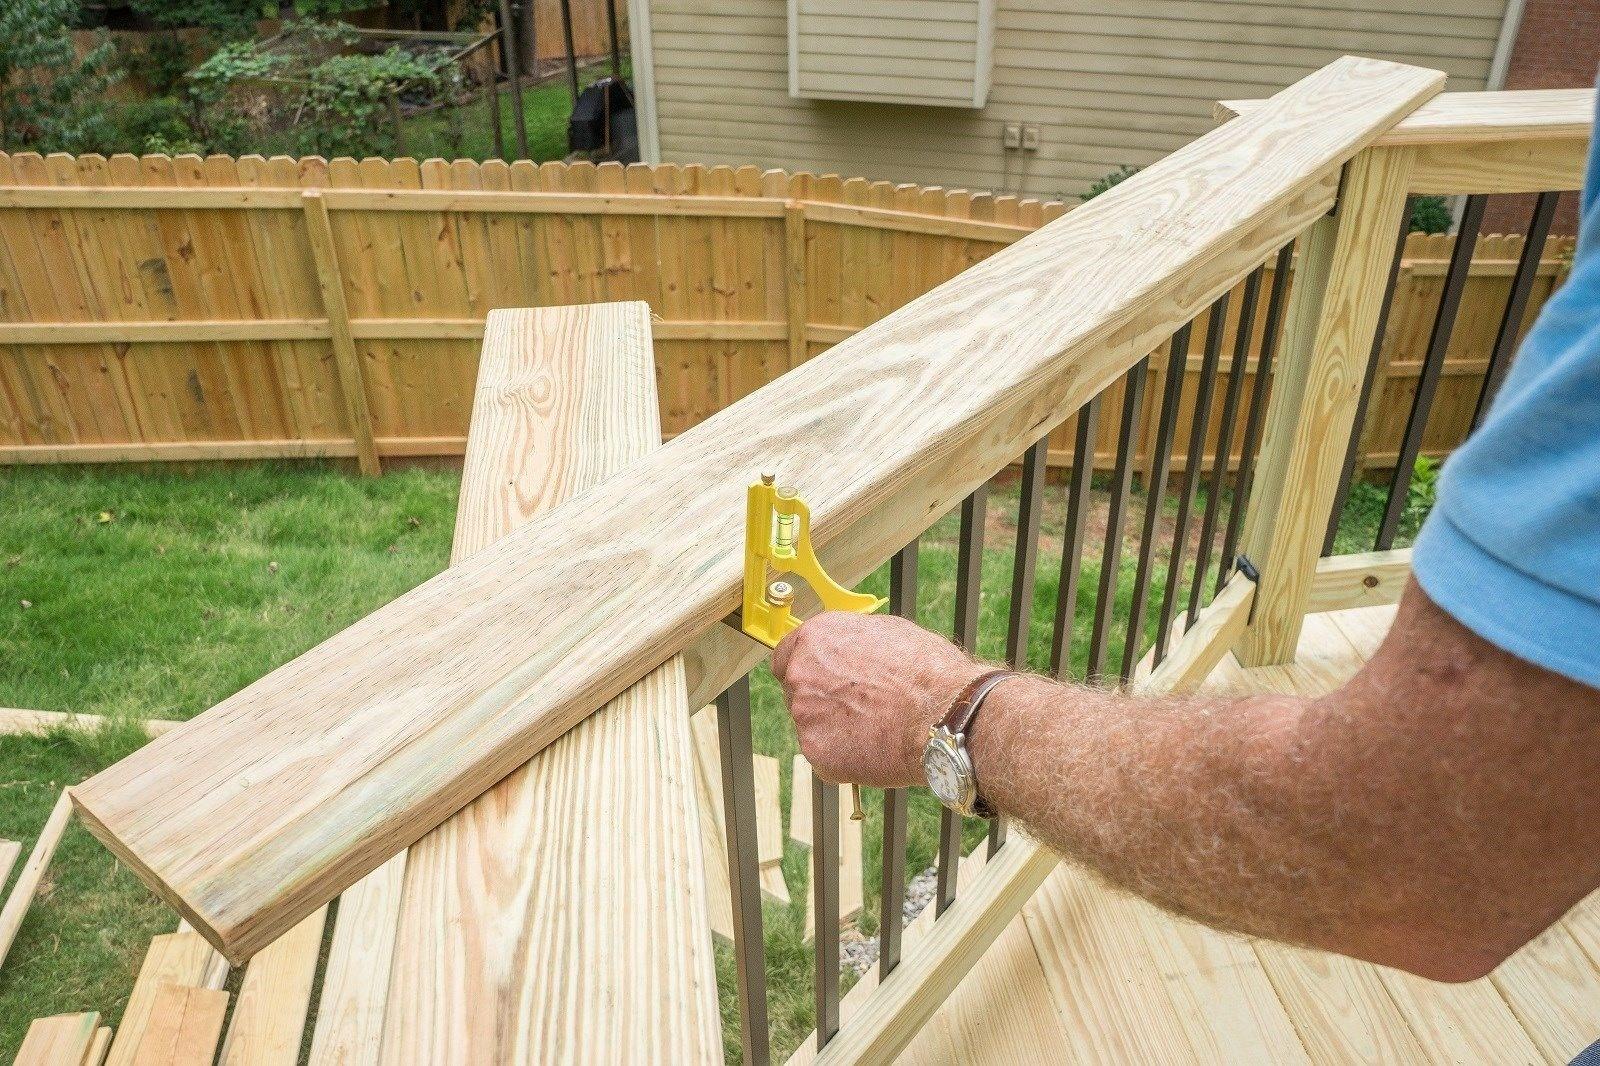 Railing Cap Decks Com | 2 Inch Round Wood Handrail | End Cap | Handrail Brackets | Stairs | Inch Diameter | Stair Railings